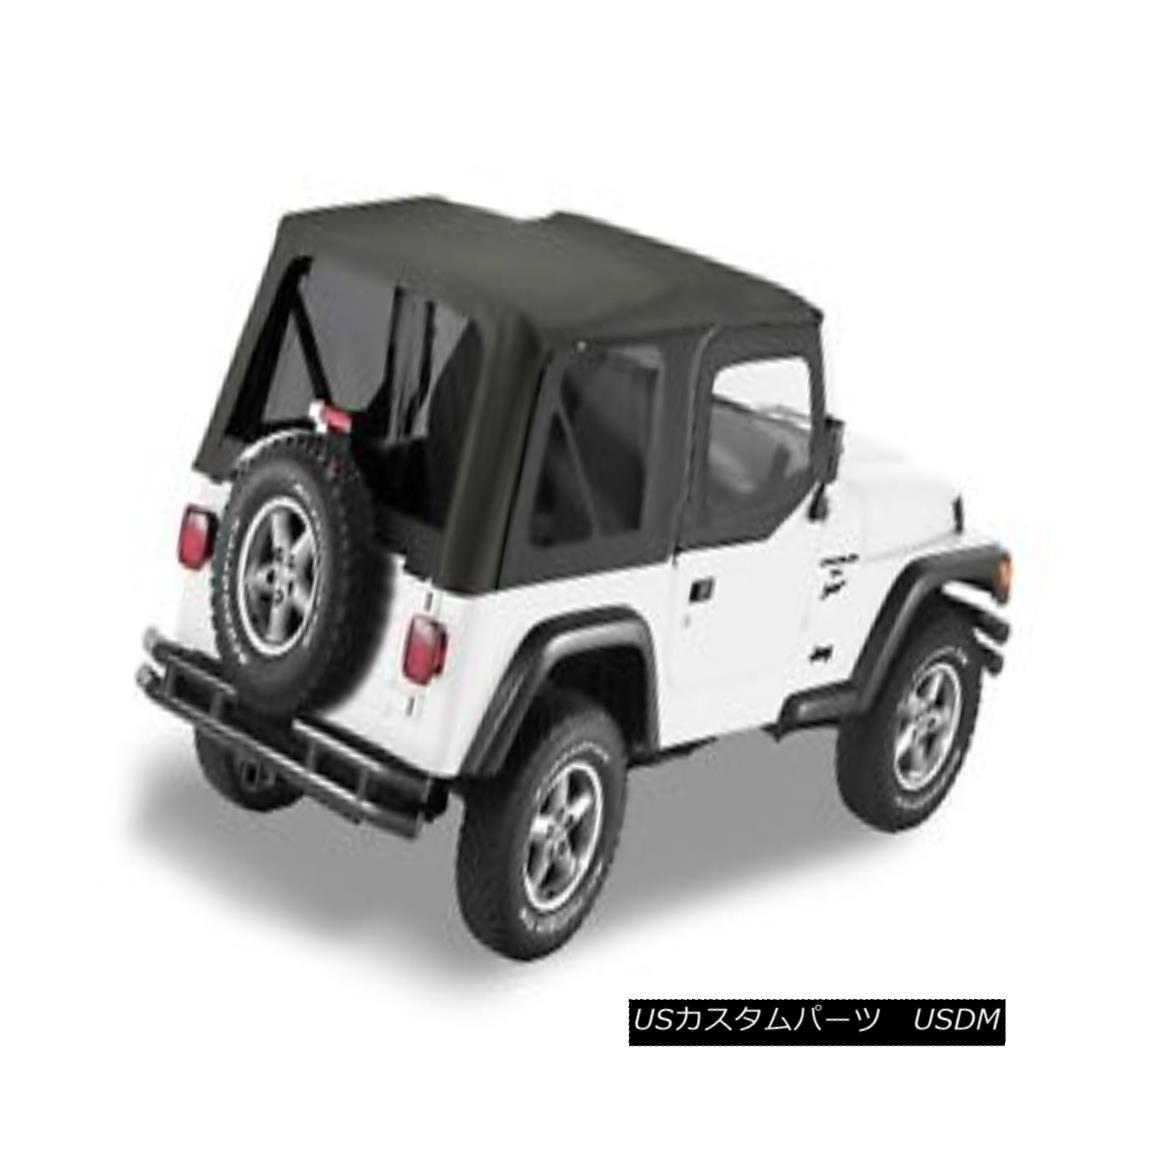 幌・ソフトトップ Bestop 79129-35 Jeep Sailcloth Replace-a-Top Soft Top Black Diamond Bestop 79129-35ジープセイルクロス交換トップソフトトップブラックダイヤモンド